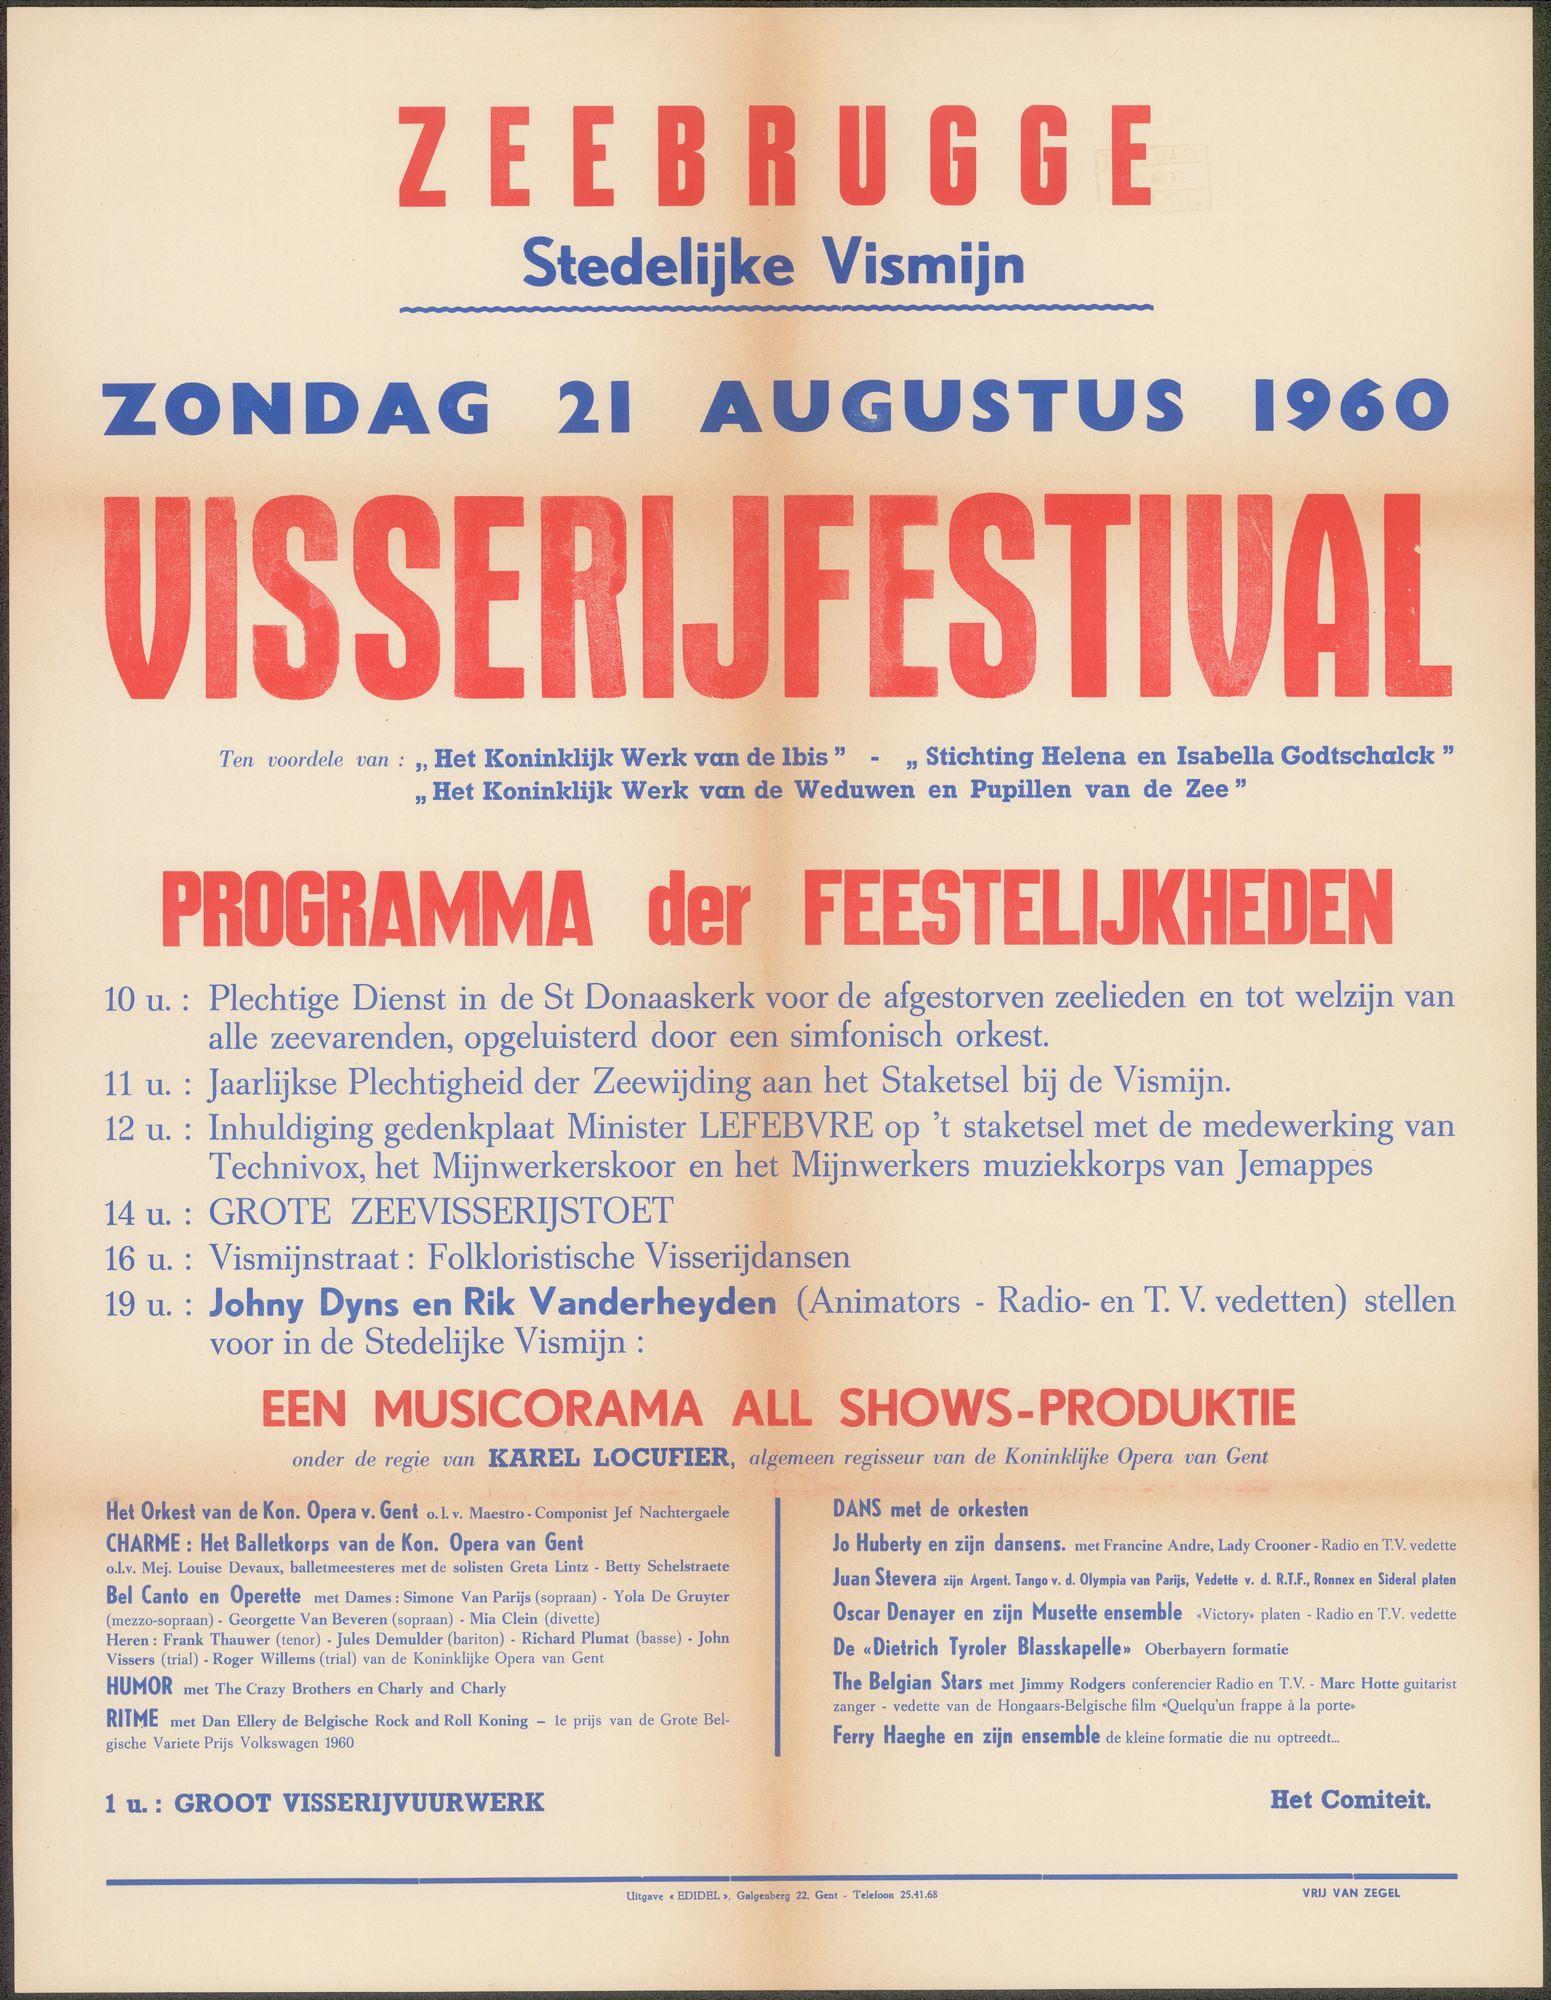 Visserijfestival, Zeebrugge, Stedelijke Vismijn, 1960